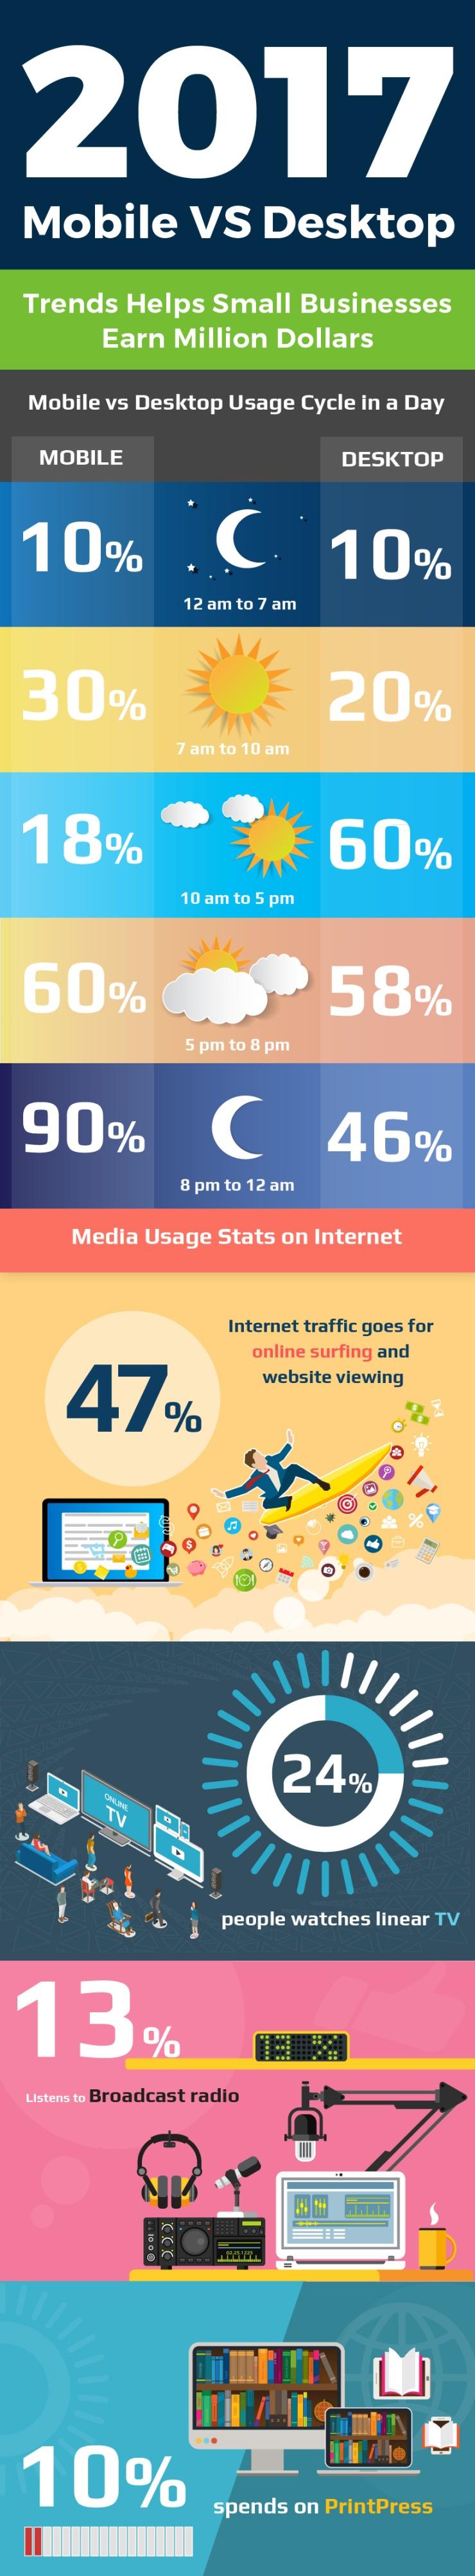 mobile-vs-desktop-trends-17